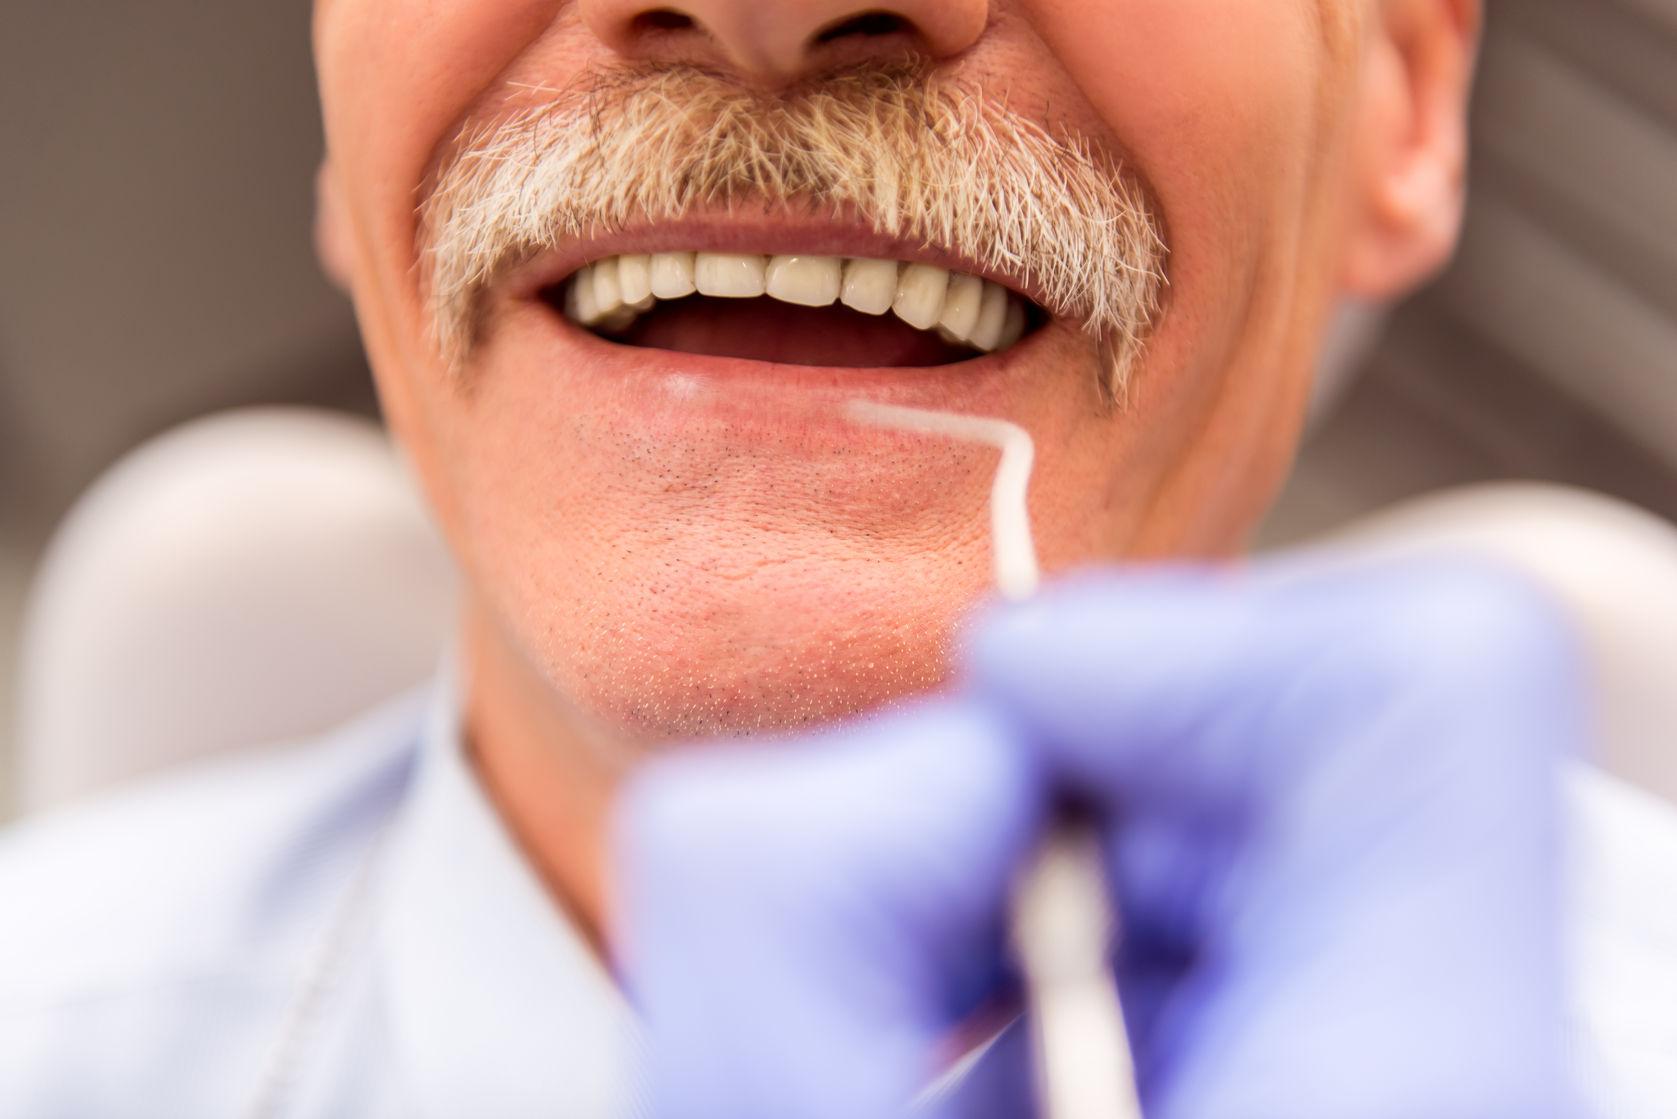 denture irritation